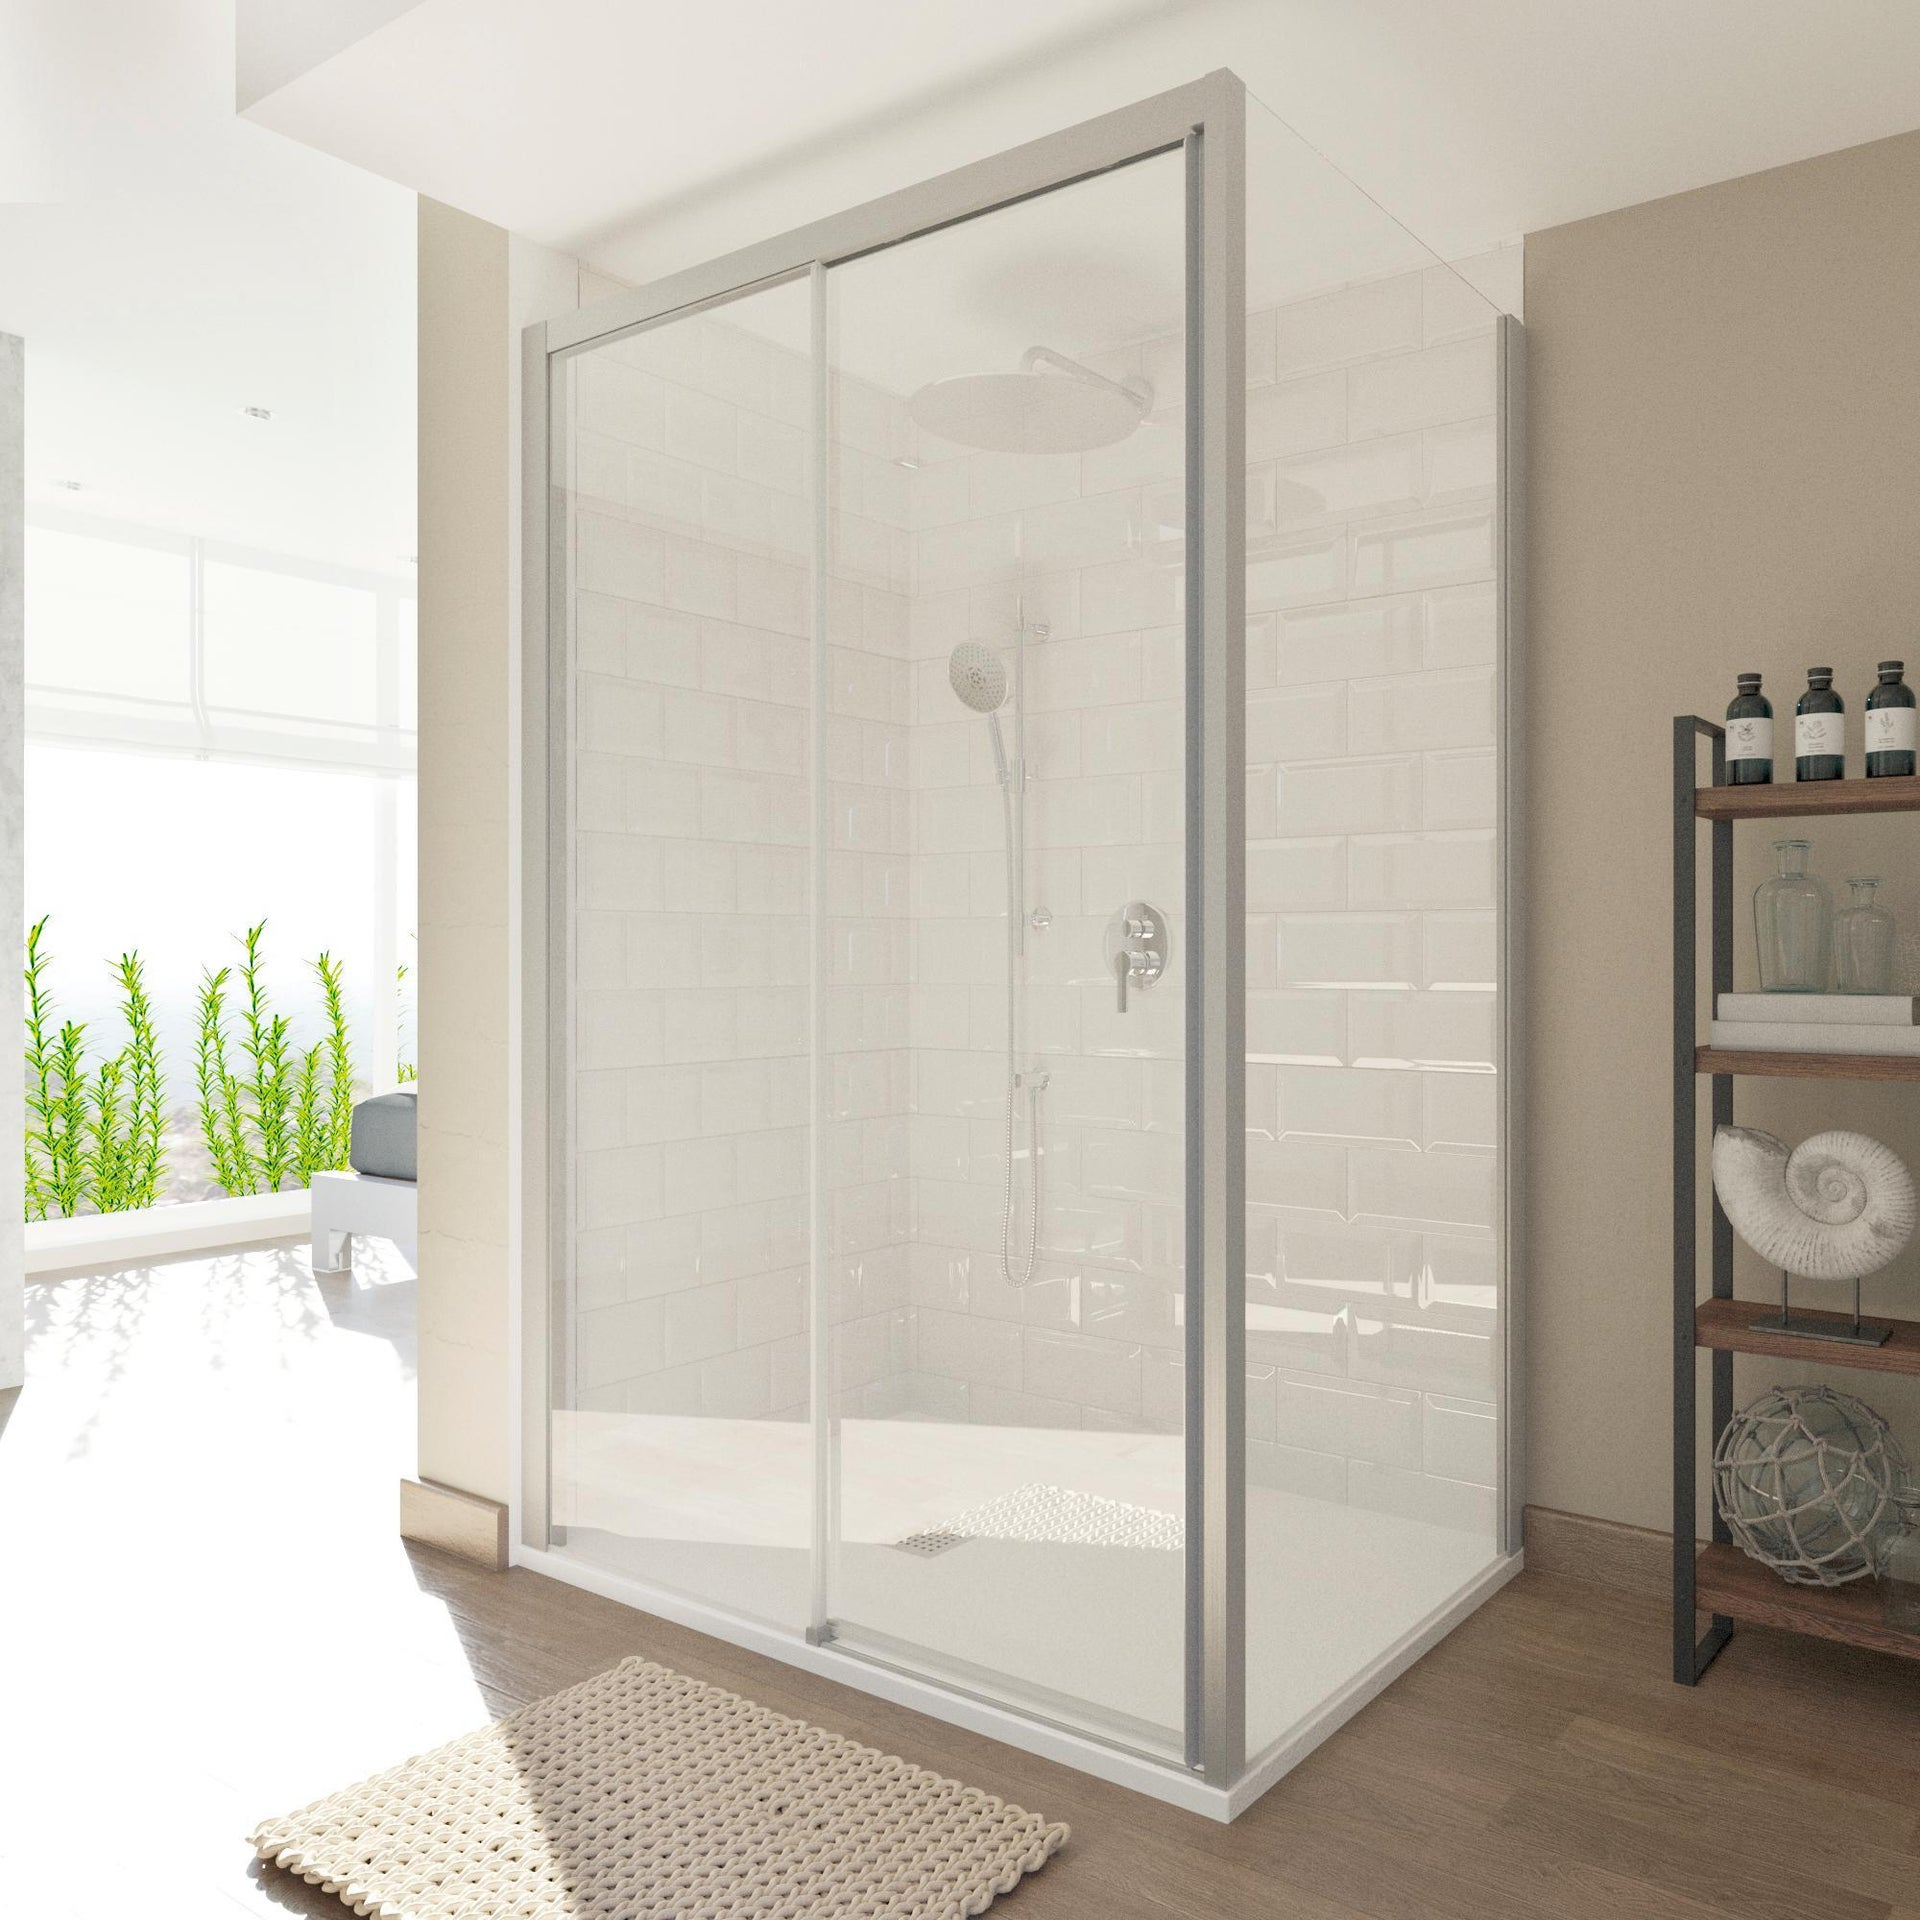 Porta doccia scorrevole Style 120 cm, H 200 cm in vetro temperato, spessore 8 mm trasparente satinato - 2